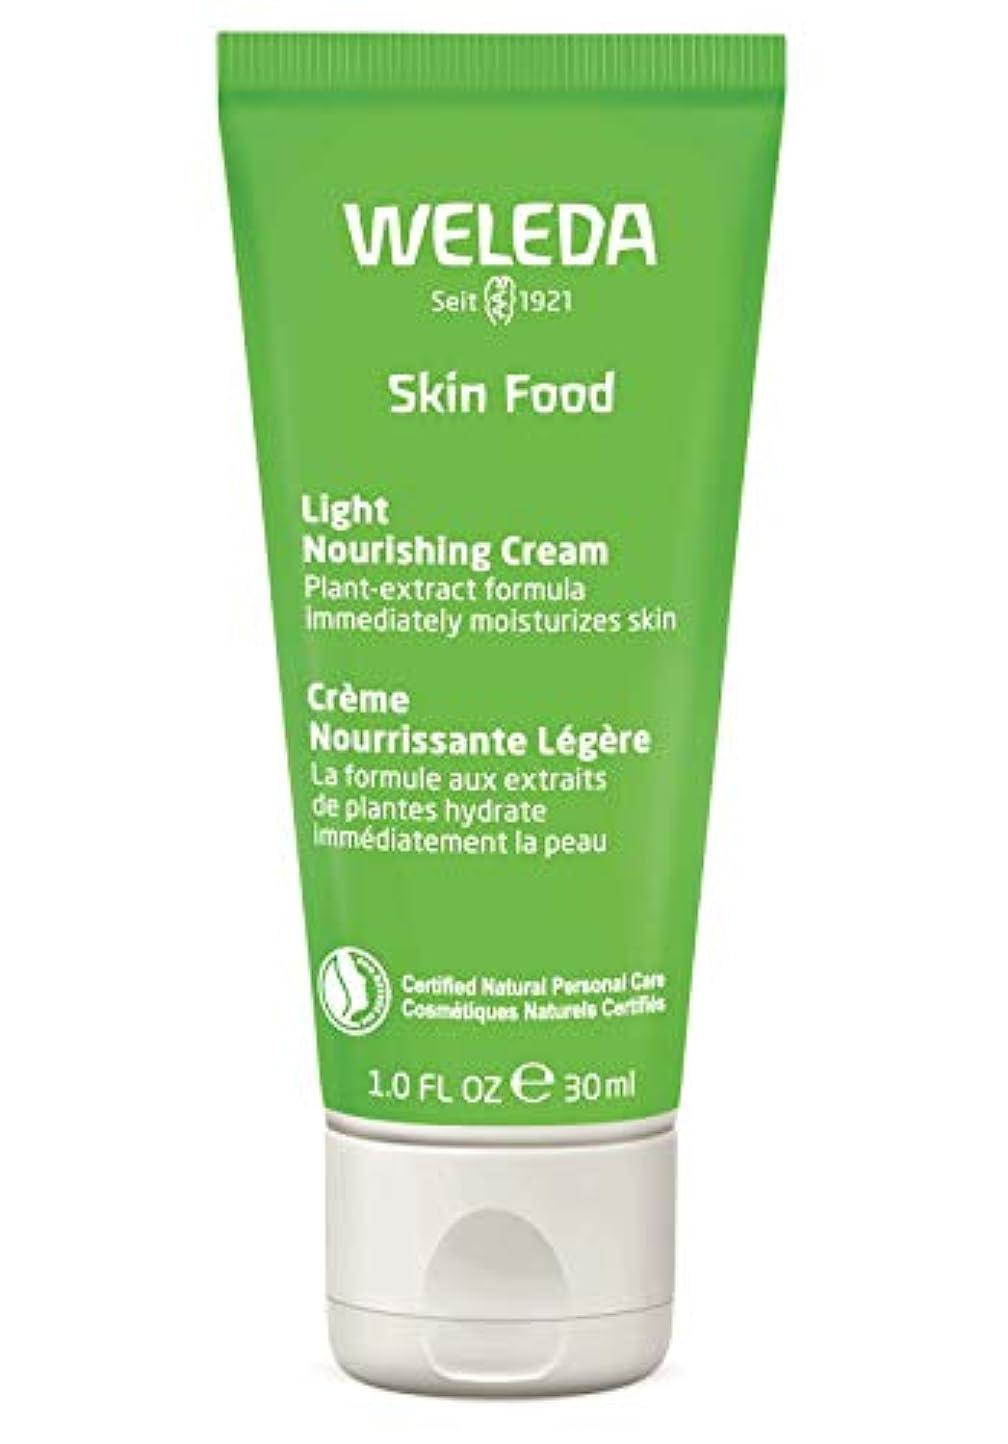 効果的運動分WELEDA(ヴェレダ)スキンフード ライトボディクリームフレッシュで親しみやすい香り本体